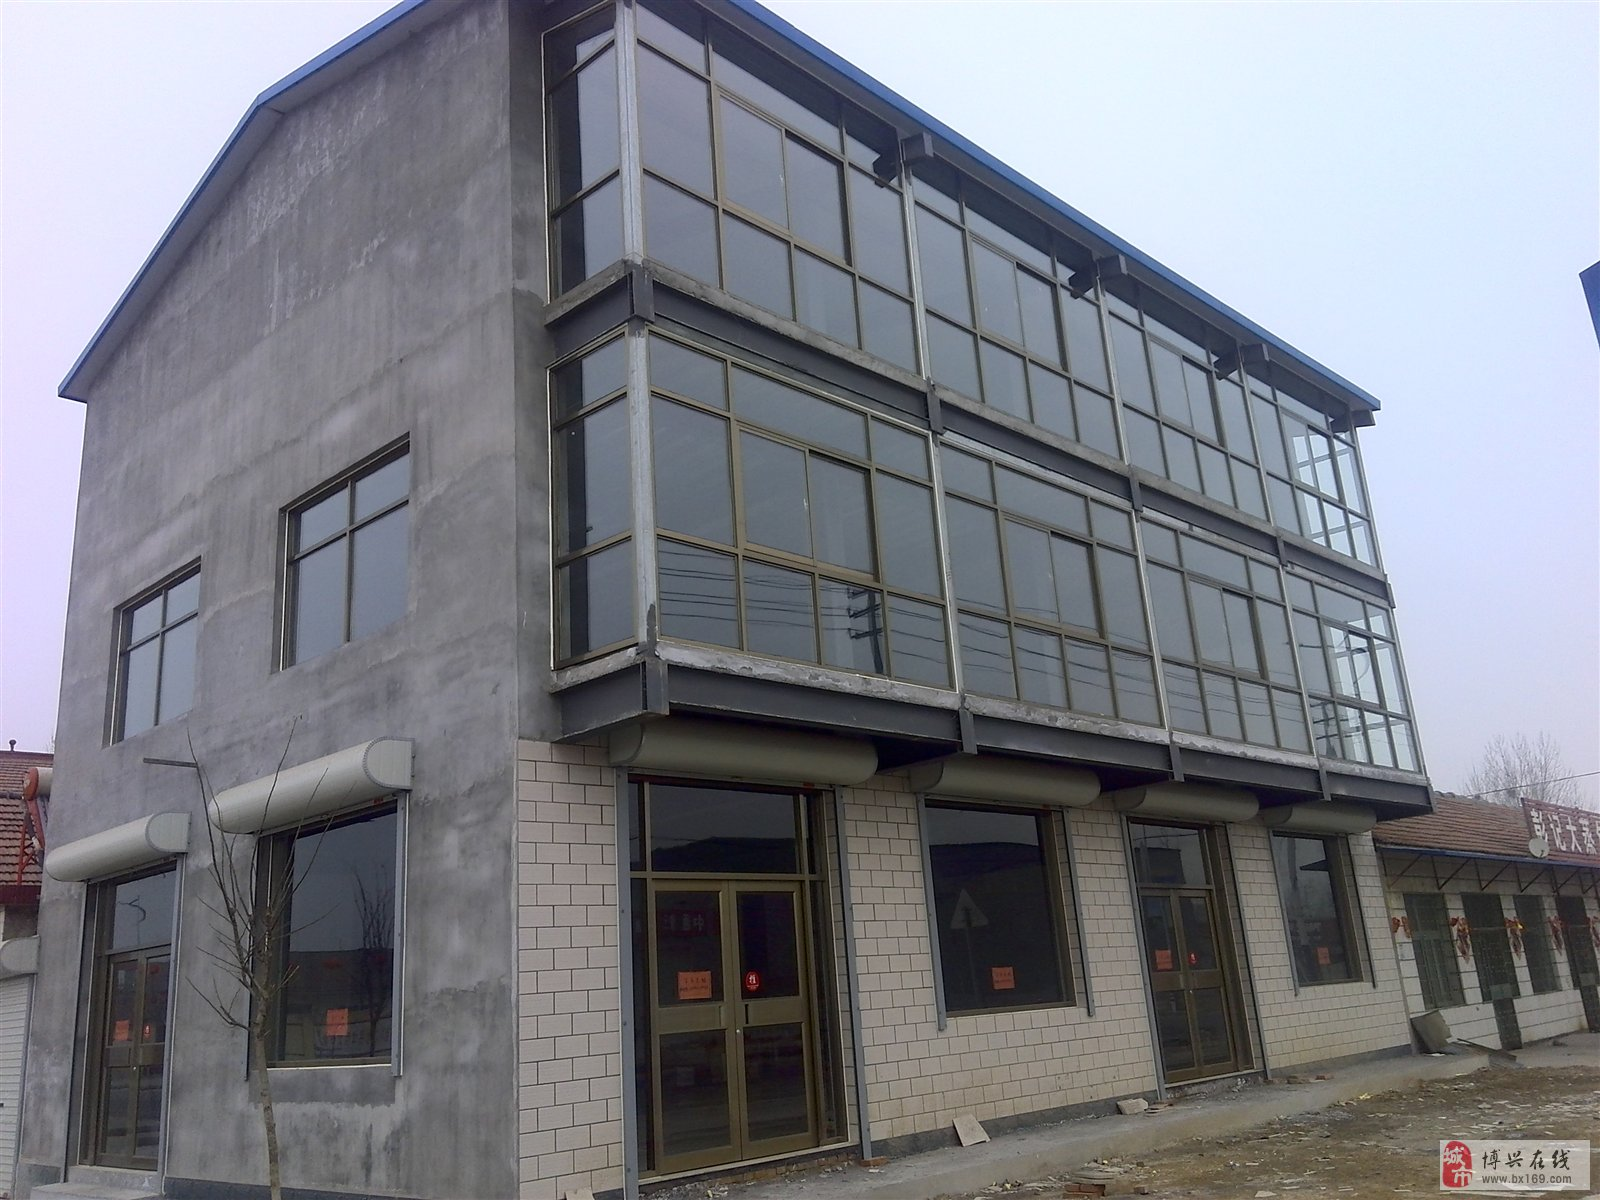 三层沿街商铺,南临湖滨镇寨卞村二级路景观街